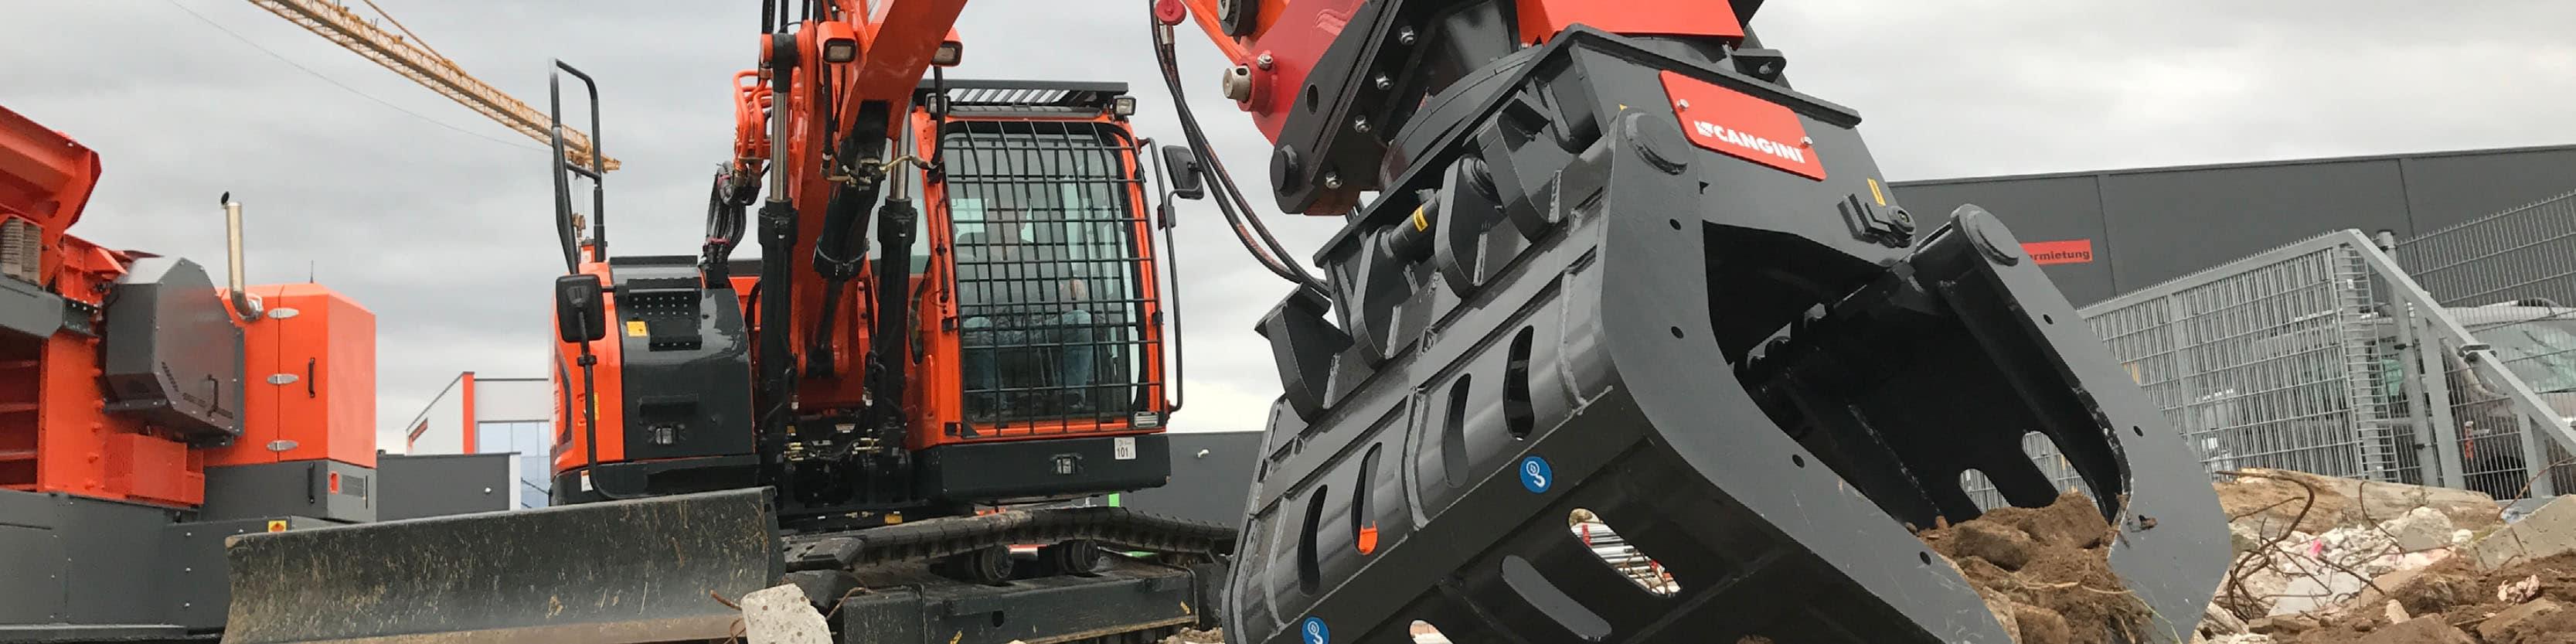 Vermietung Erdbaumaschinen Bagger Radlader Schwenklader Dumper ZWO-Baumaschinen-Service GmbH